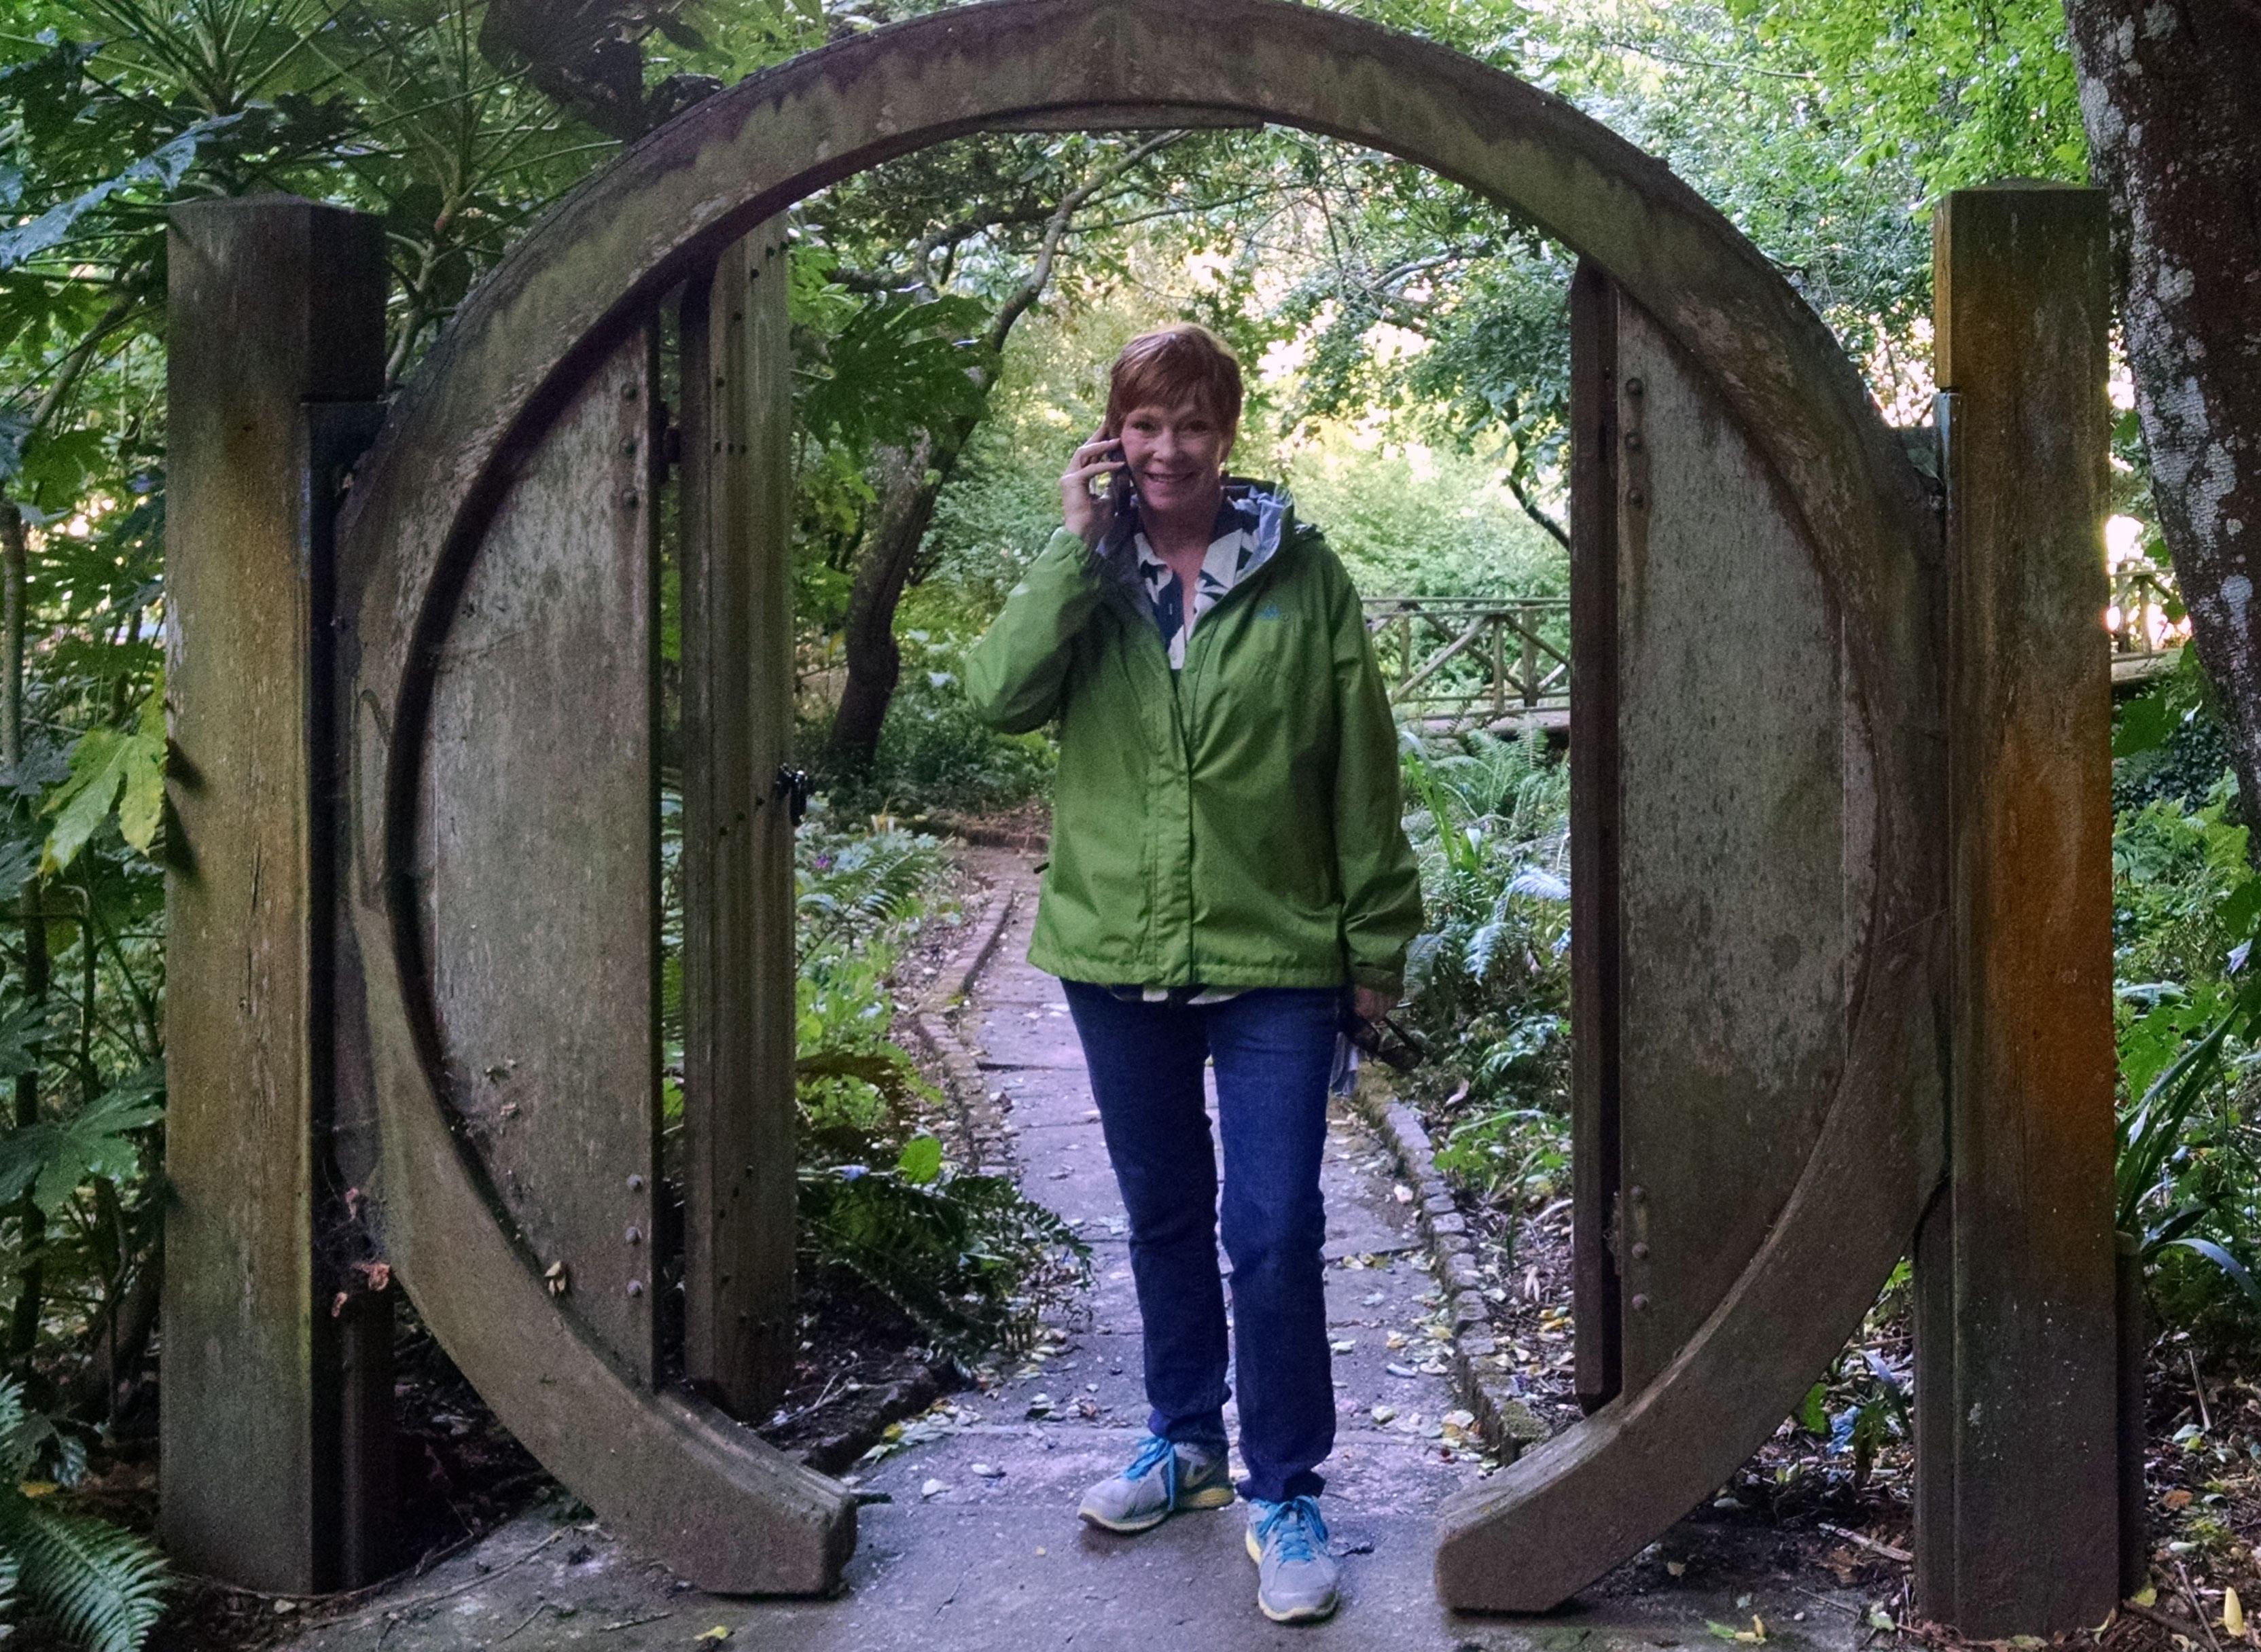 Round-gate